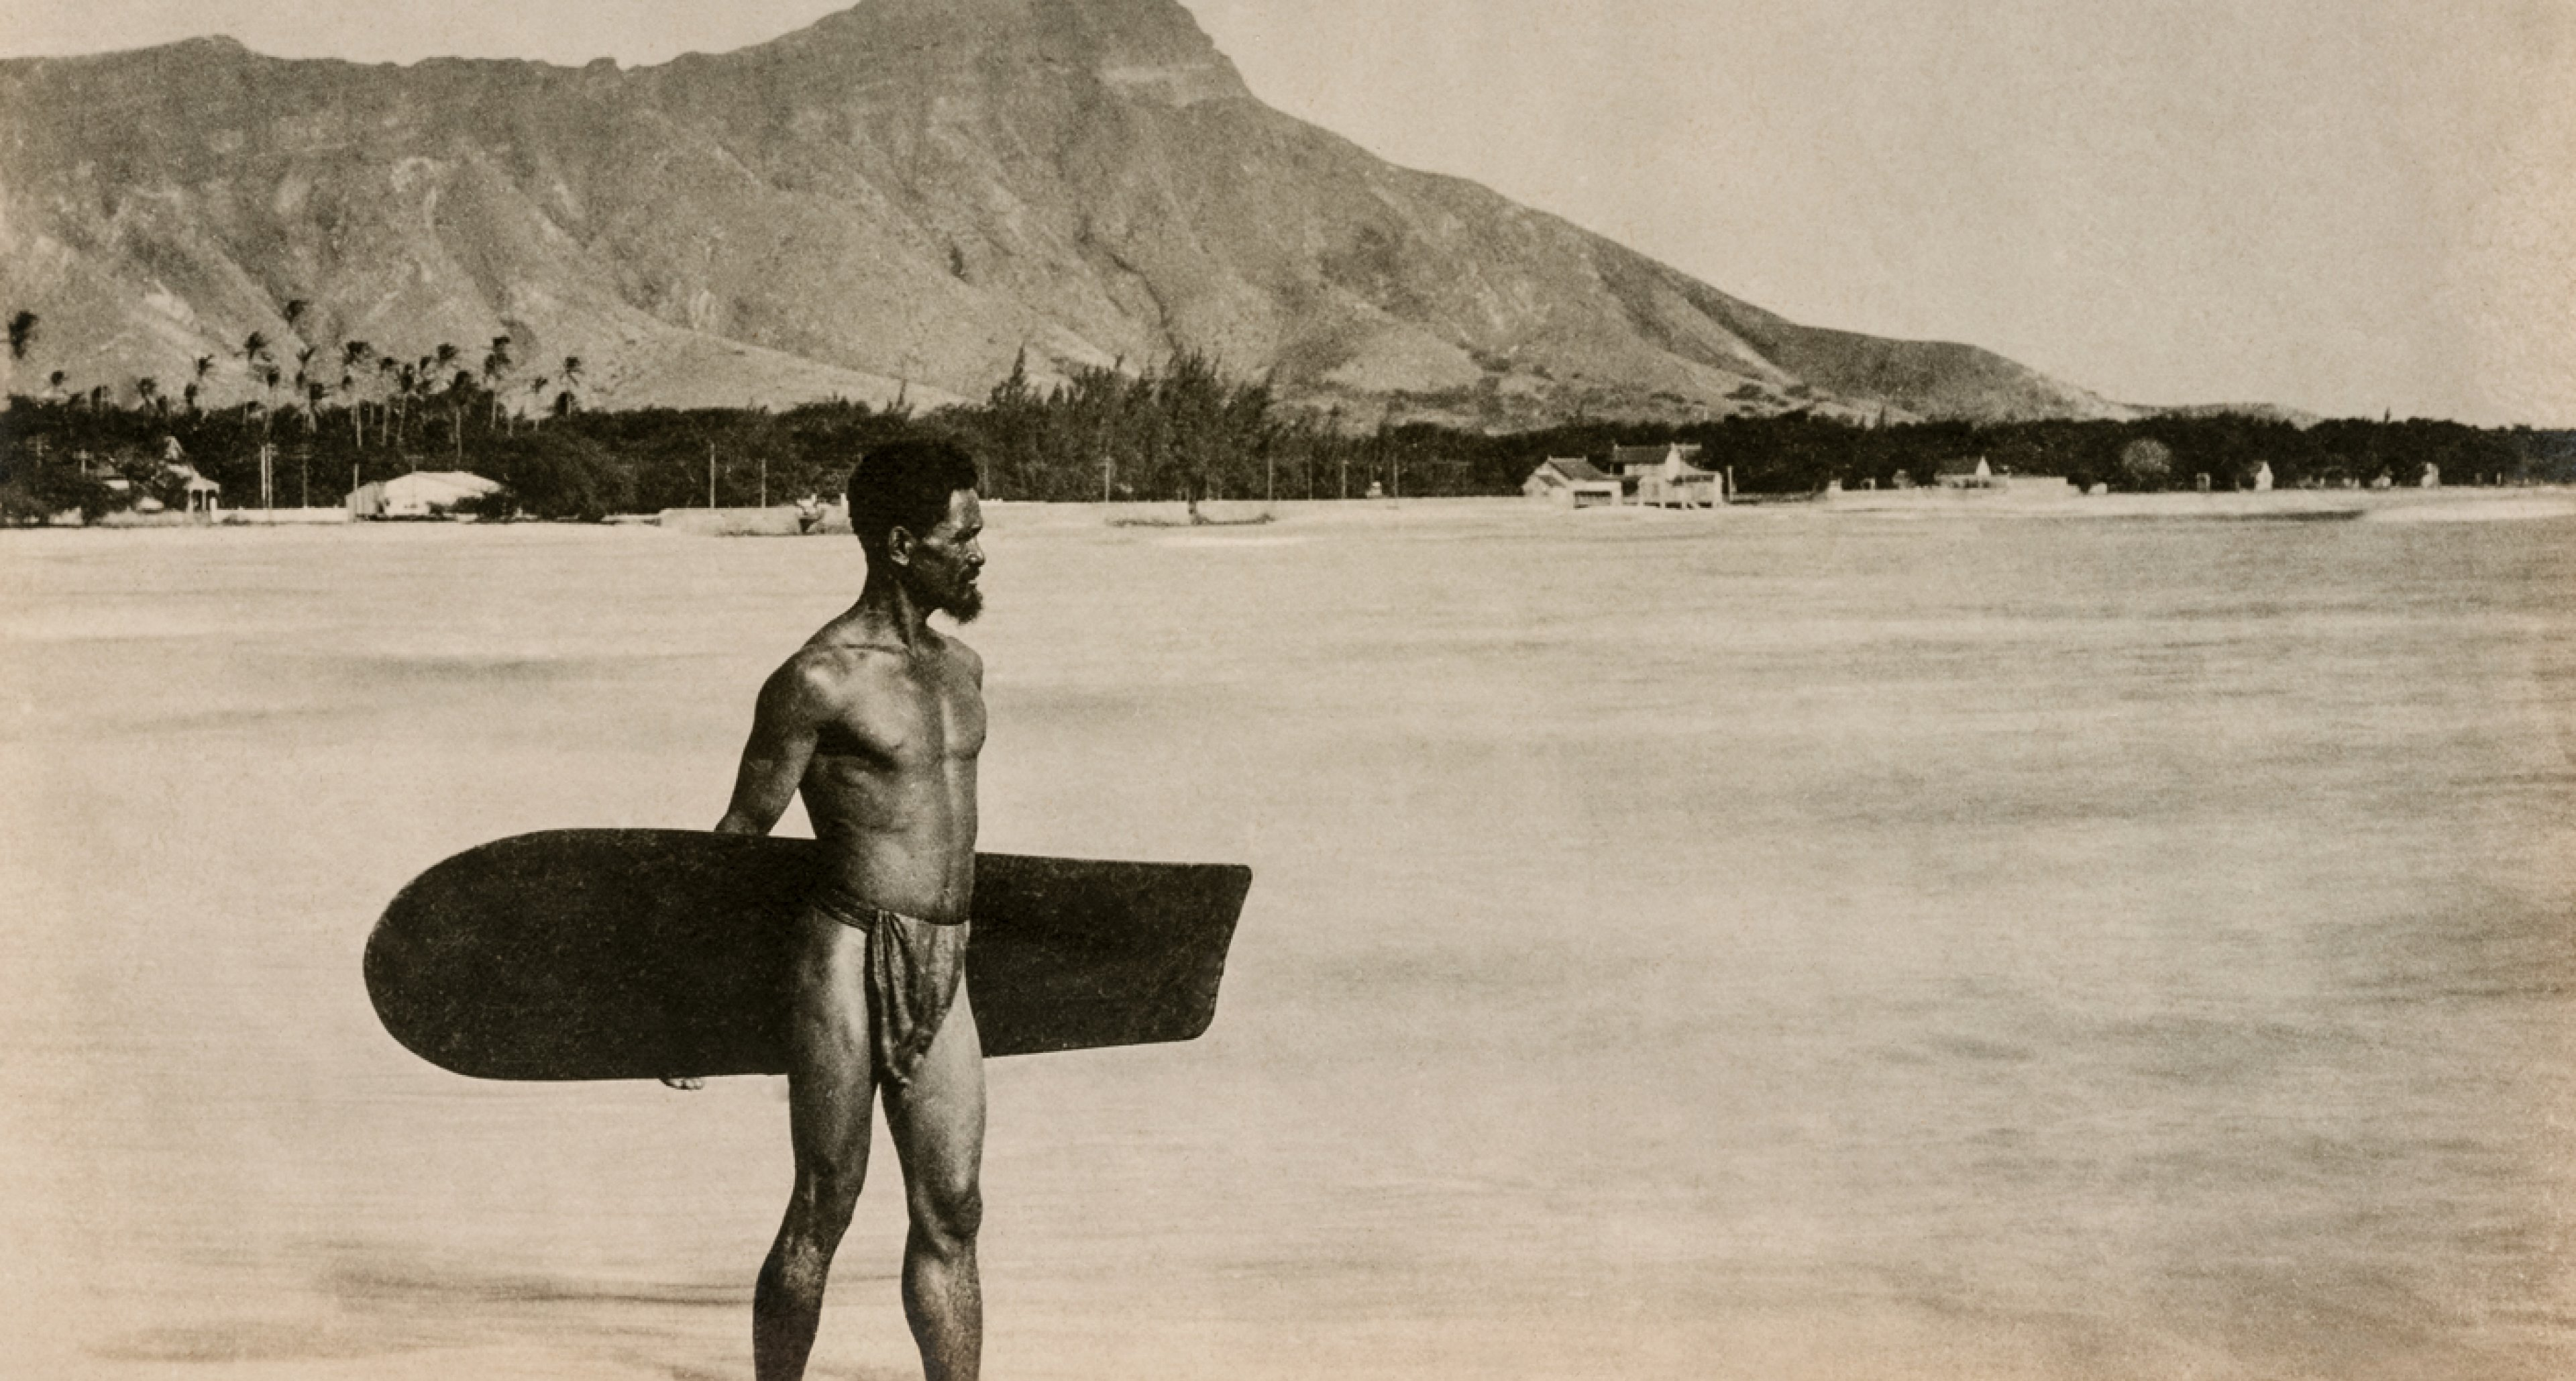 Waikiki, ca. 1890. Courtesy Jim Heimann Collection / TASCHEN